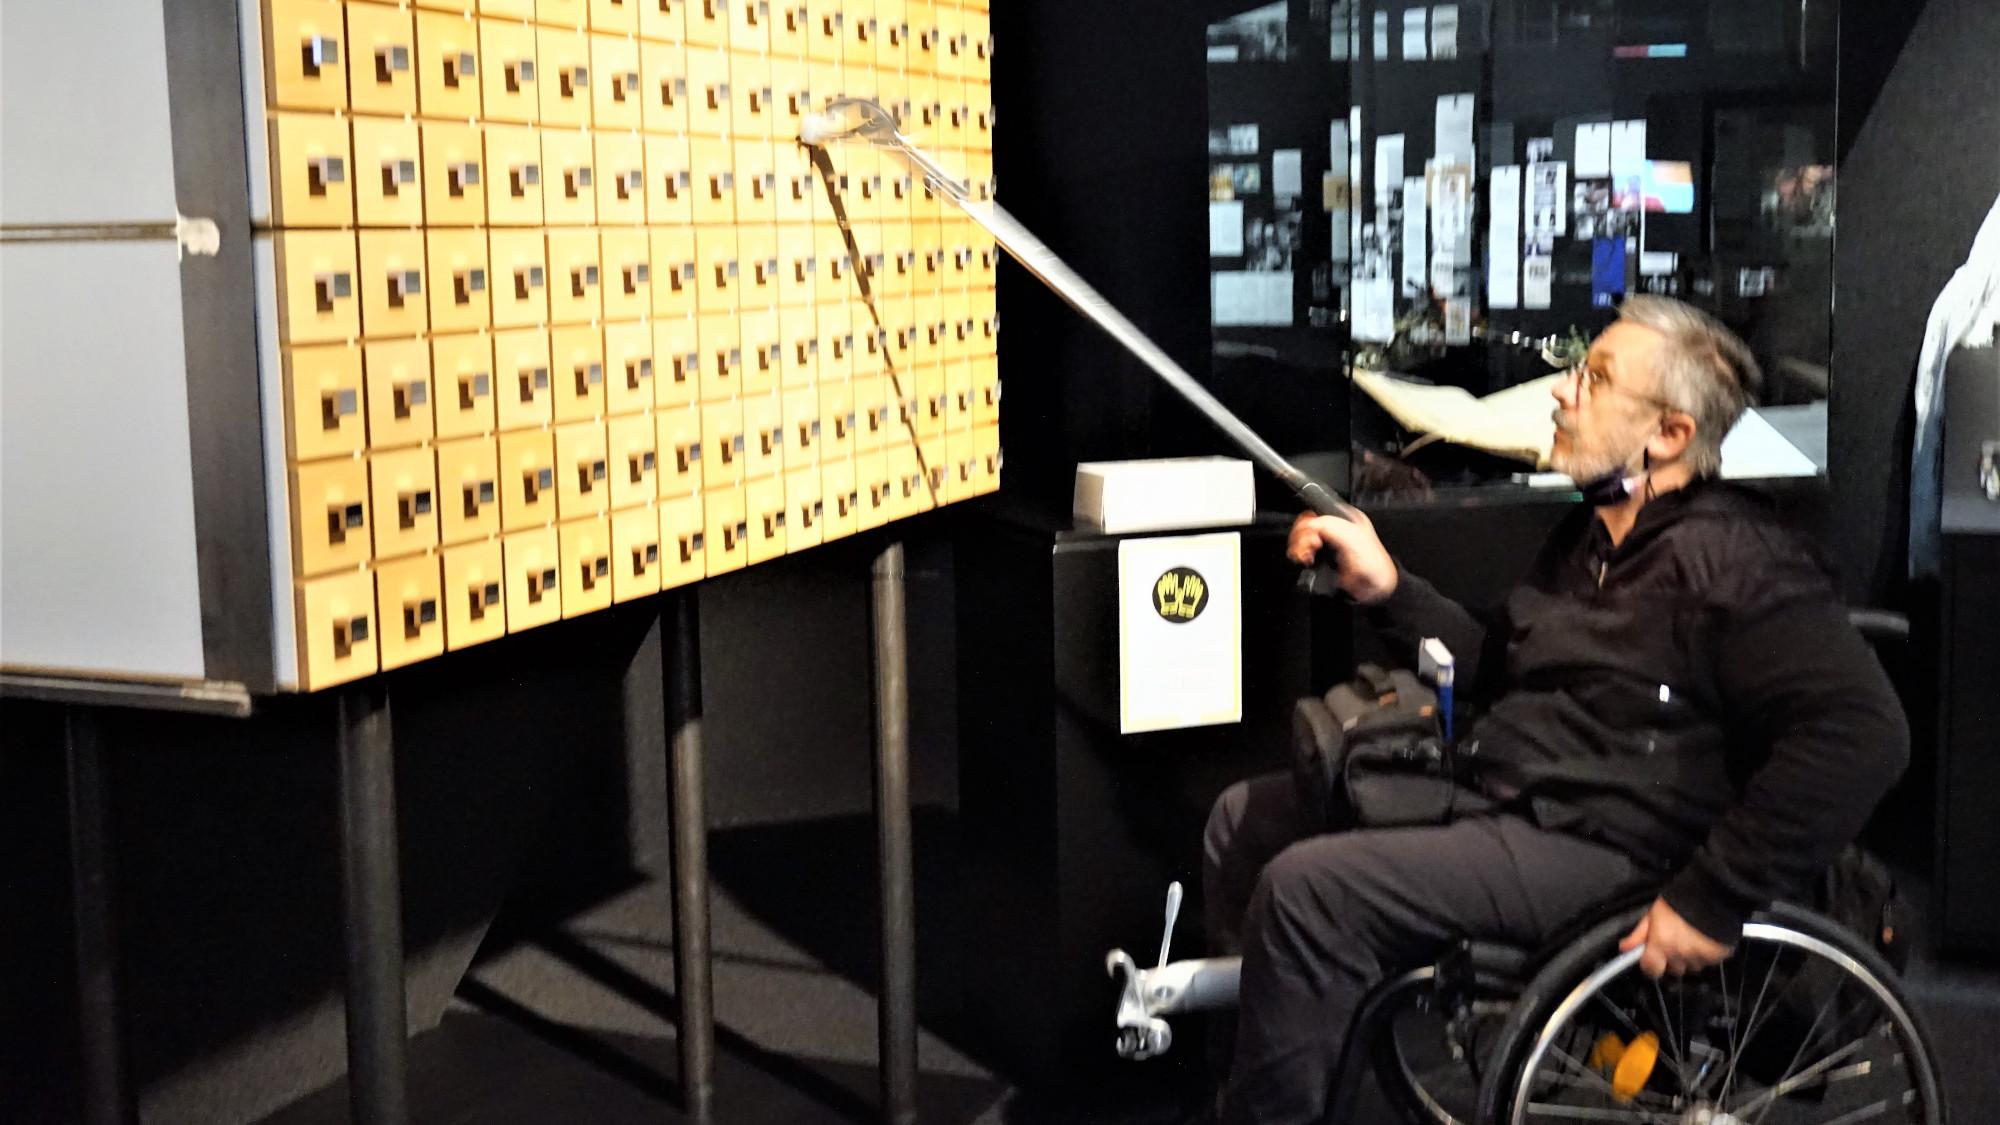 Greifer zum Erreichen der Laden mit Tonbeispielen für Menschen im Rollstuhl oder kleinwüchsige Menschen wurde nach meinem ersten Besuch sofort angefertigt - Großes Welttheater - 100 Jahre Salzburger Festspiele